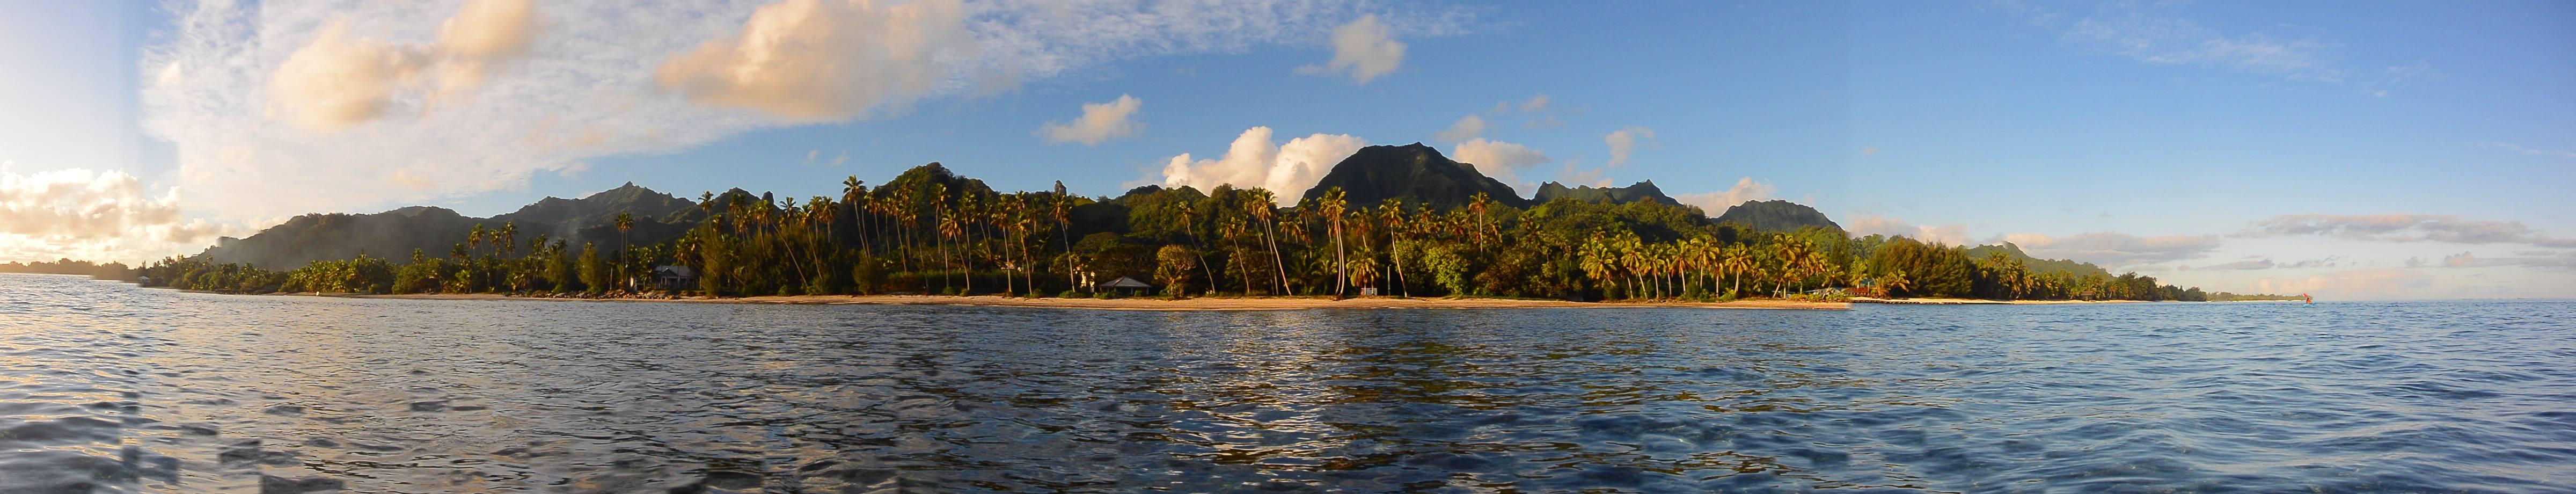 Viaggio alle Isole Cook. Tre isole in tre settimane. Rarotonga – Aitutaki e Atiu.